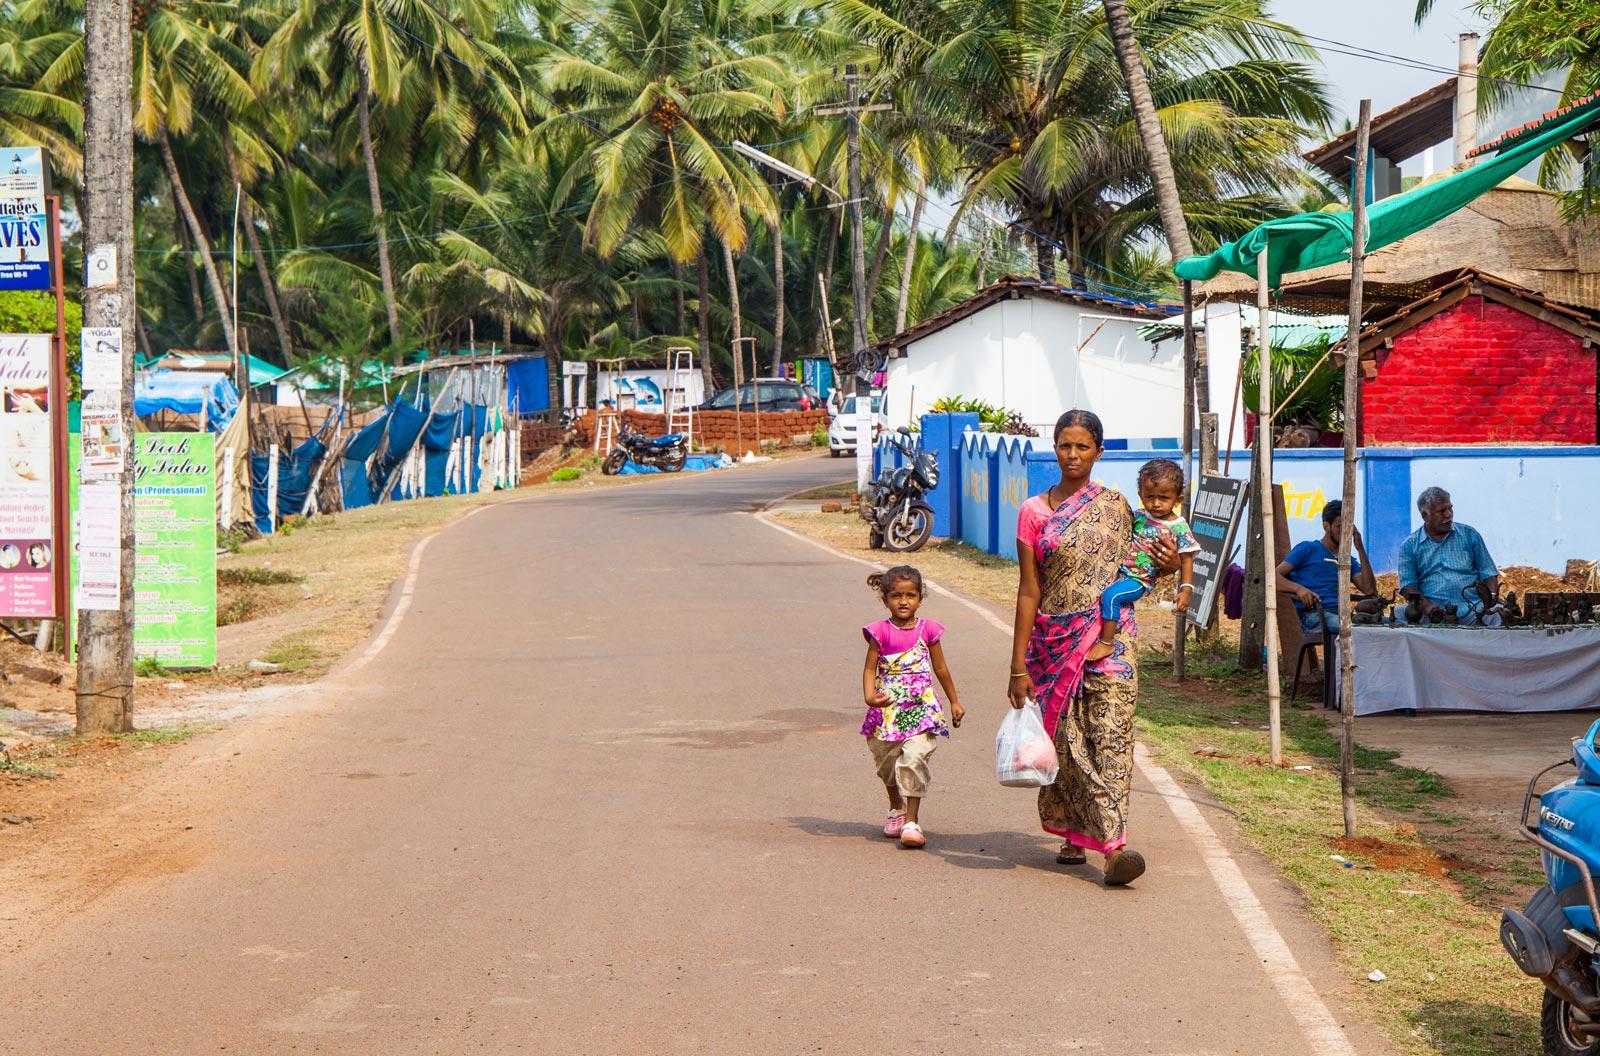 Agonda Goa Streets